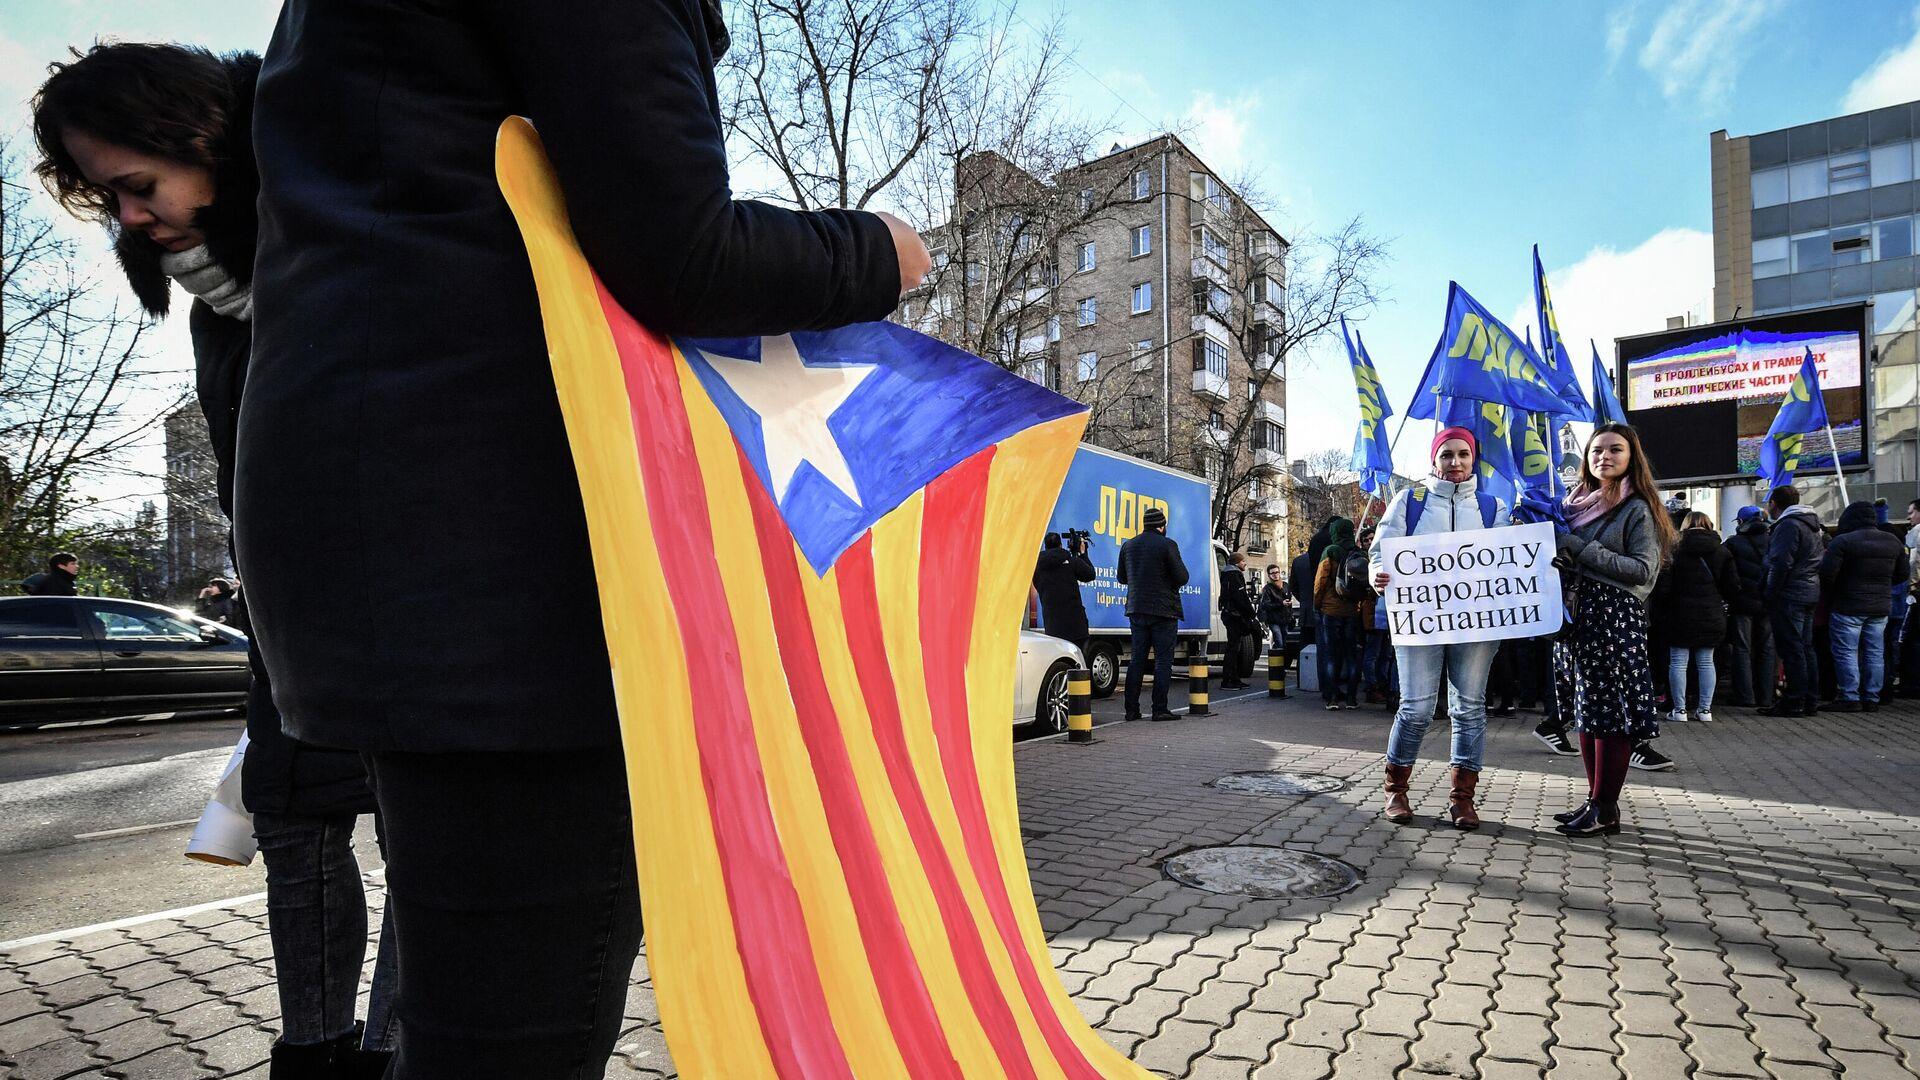 Un simpatizante del Partido Liberal Democrático de Rusia (LDPR) sostiene una bandera catalana independentista - Sputnik Mundo, 1920, 17.05.2021